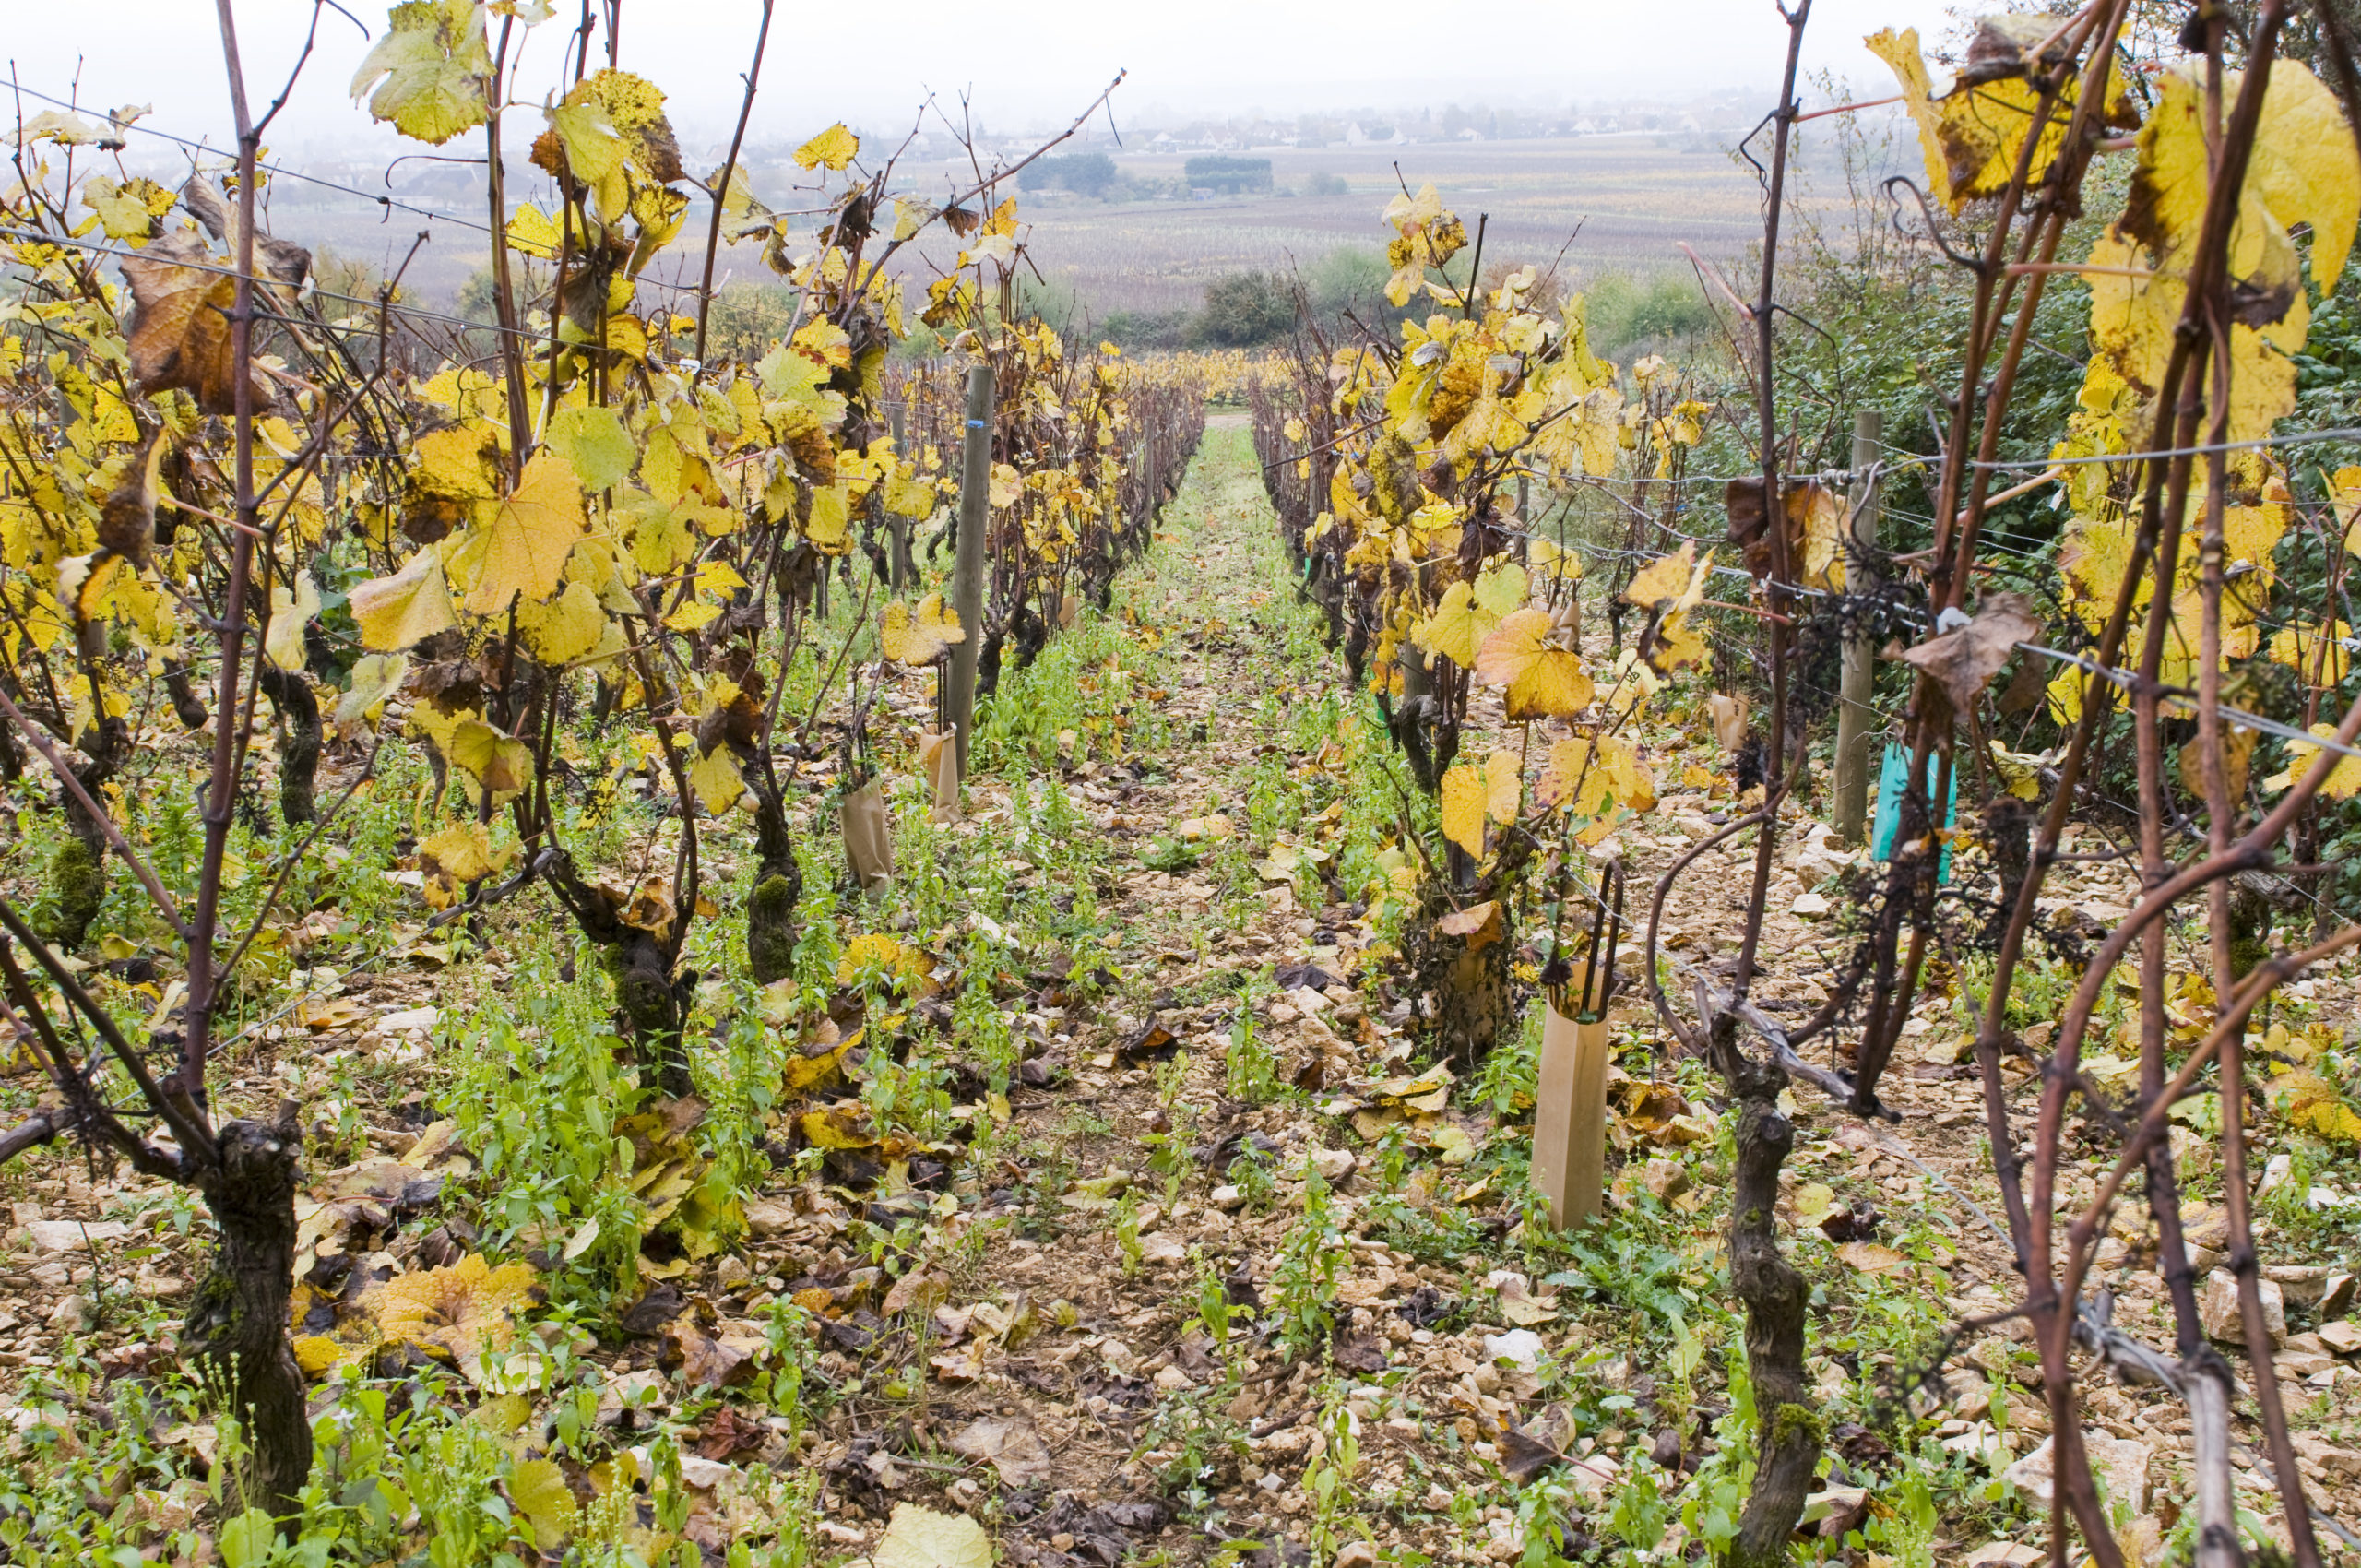 Vignoble de Bourgogne - Guide du vin en ligne - Tastavin caviste sur internet